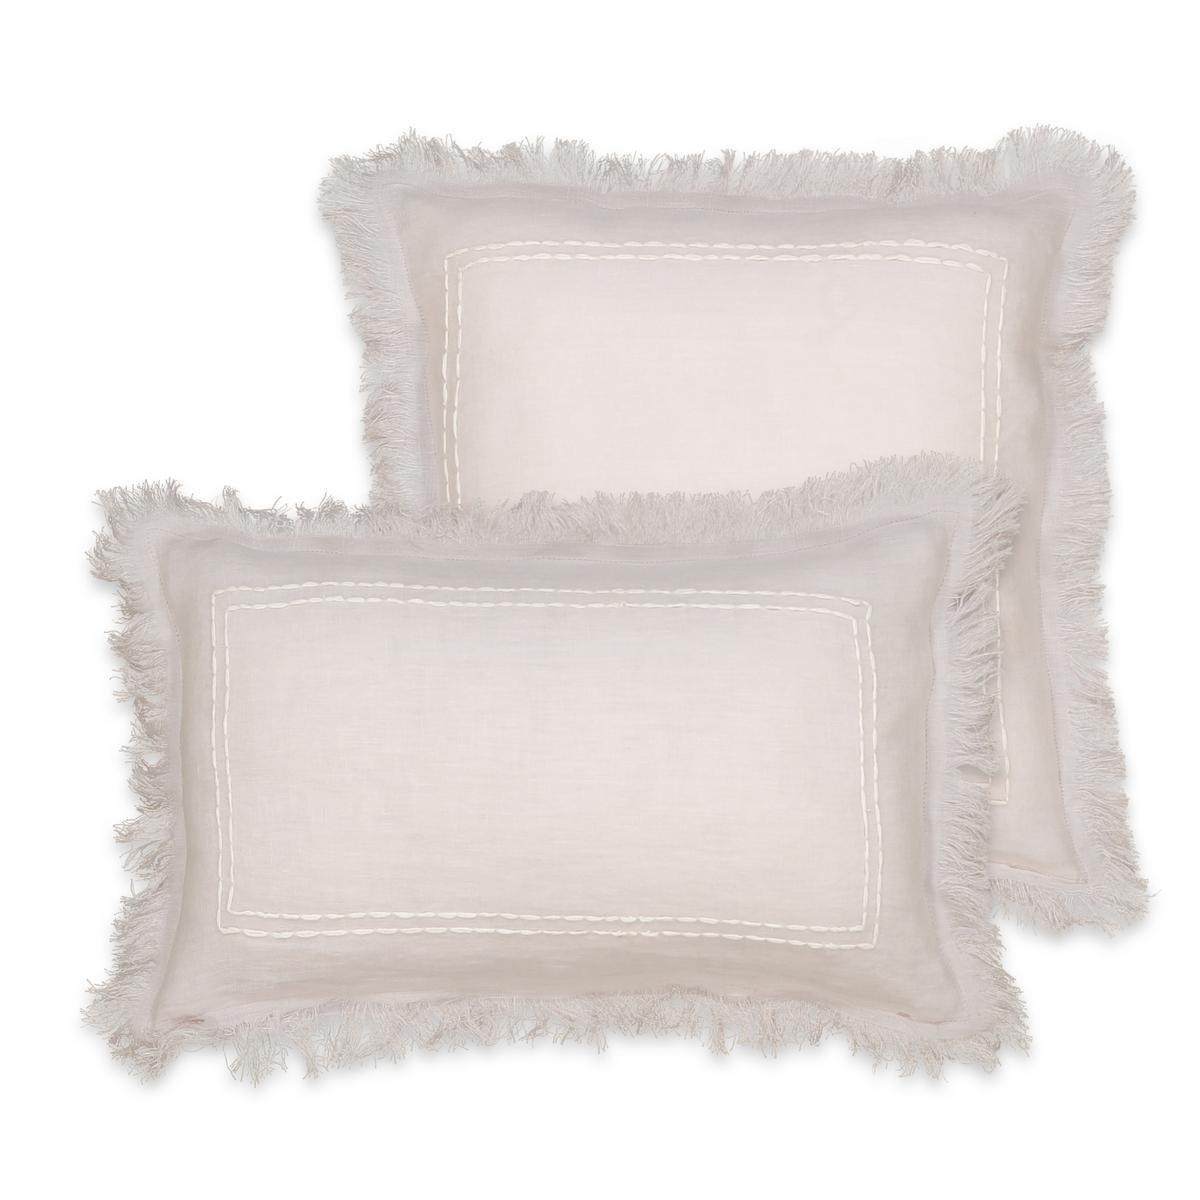 Чехол на подушку-валик с ручной вышивкой, DomitienОписание:Чехол на подушку-валик Domitien.  Изящный чехол с отделкой бахромой и вышивкой пунктирами на одной стороне и крестиком на другой стороне.  Имеется квадратная или прямоугольная модель и 4 расцветки для сочетания.  100% лен.   Скрытая застежка на молнию.  Размер : 40 x 40 см или 50 x 30 см.  Стирать при 30° на деликатном режиме.  Подушка продается отдельно.<br><br>Цвет: белый,розовая пудра,серый,темно-коричневый